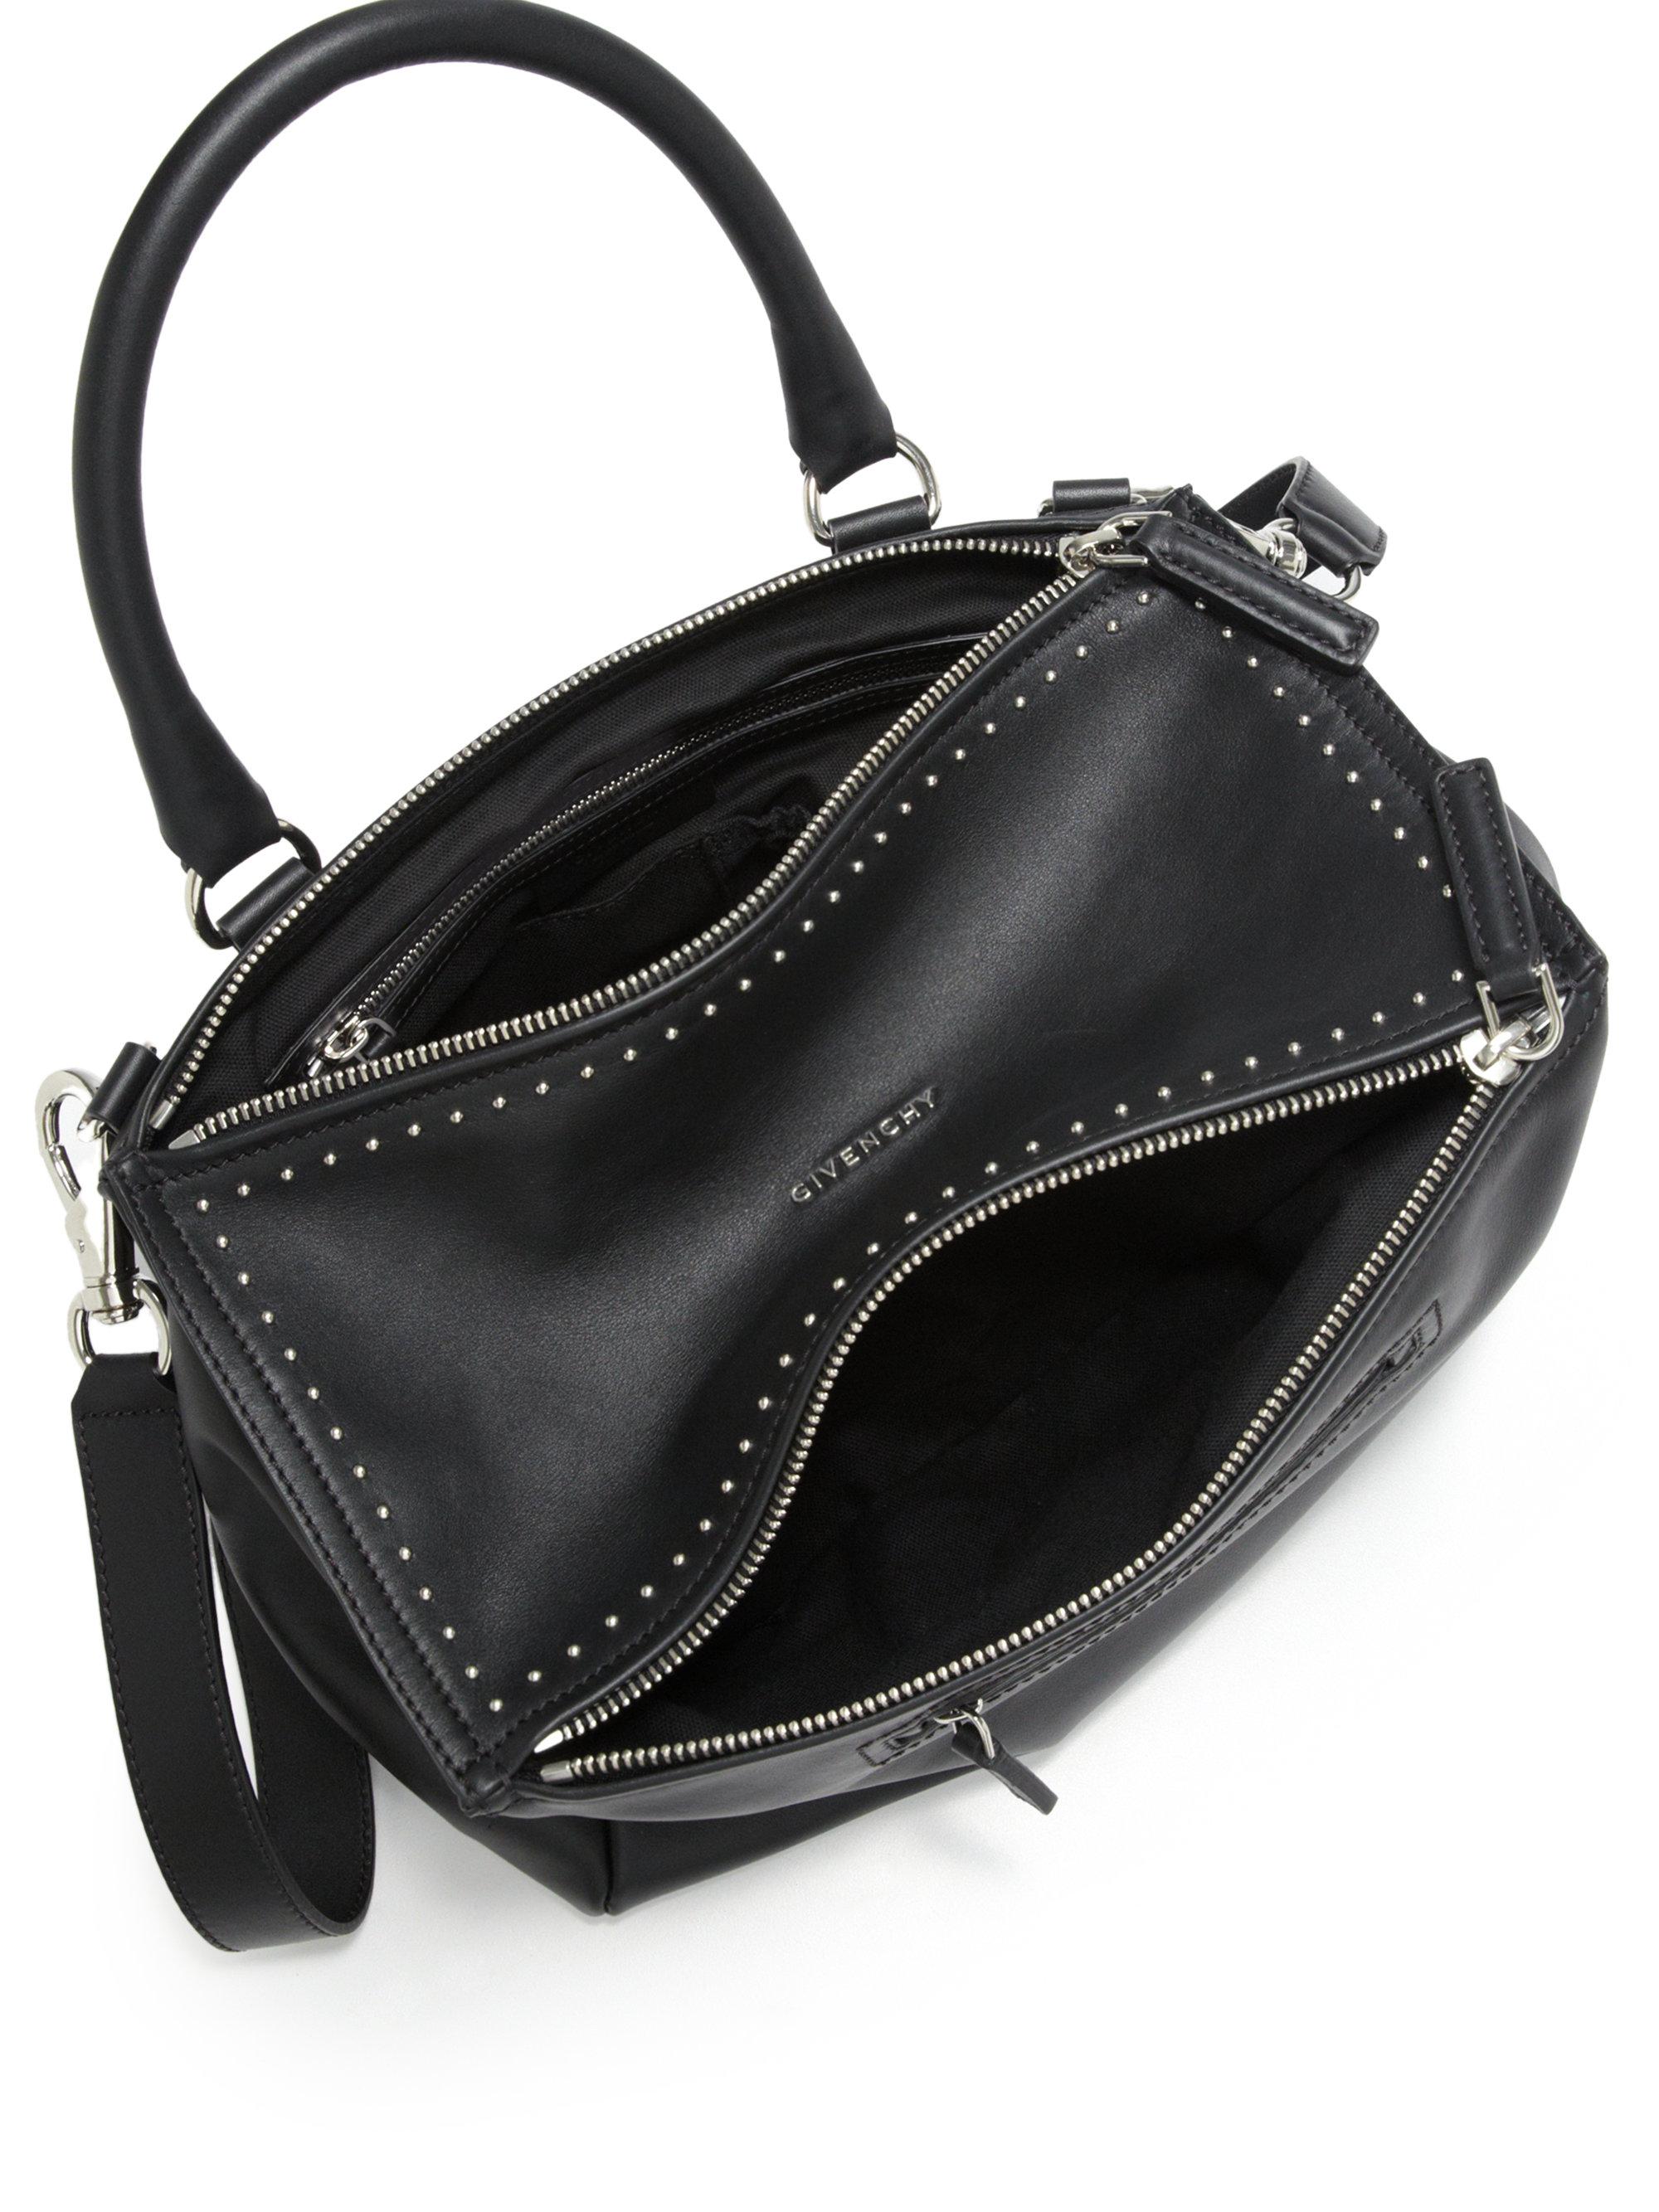 08e07d6425c Givenchy Pandora Medium Studded Leather Shoulder Bag in Black - Lyst